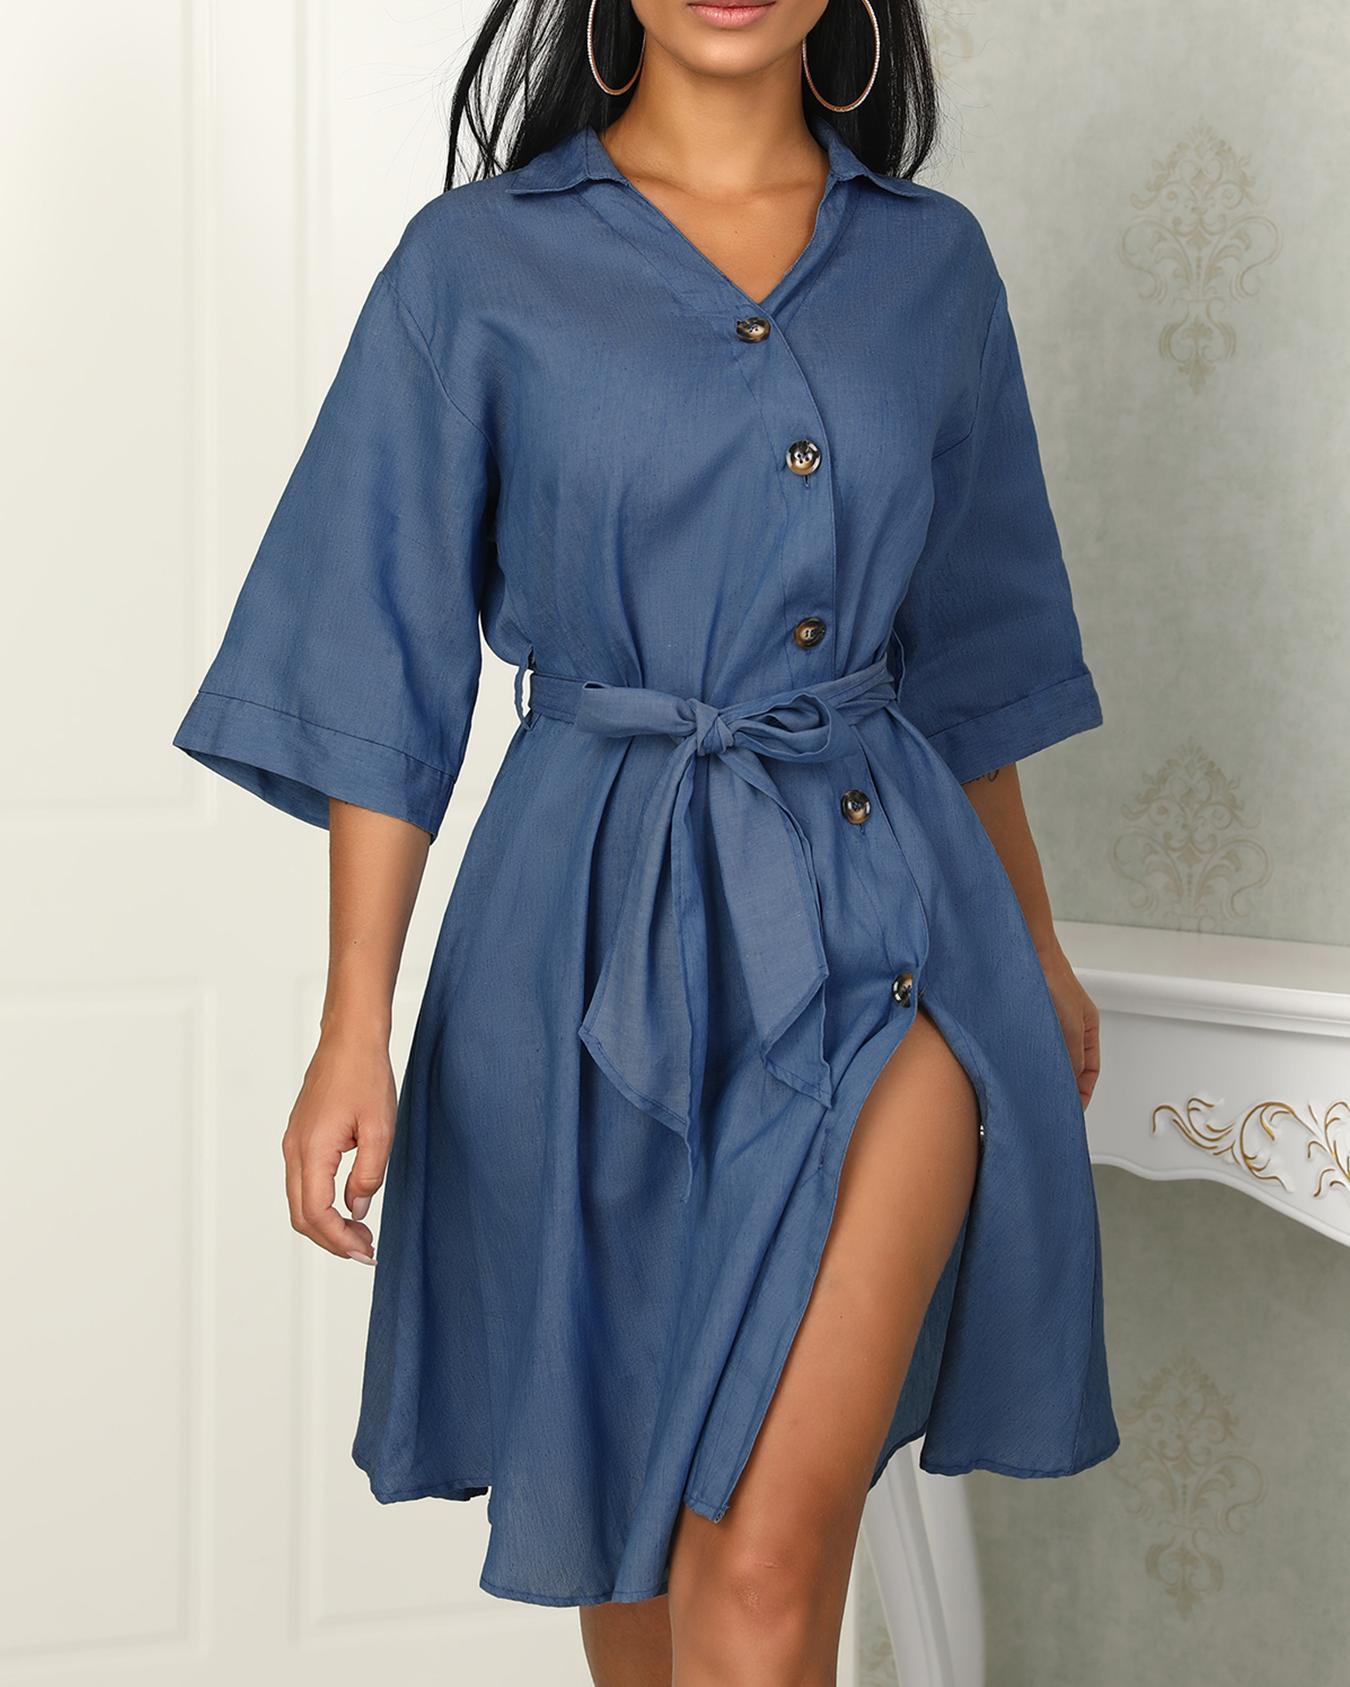 boutiquefeel / Diseño de botones Vestido de camisa vaquera con cintura ajustada